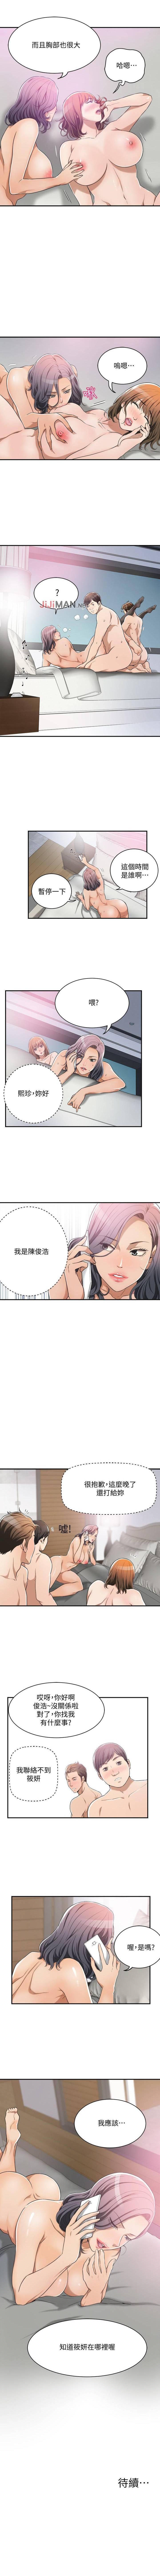 【周四连载】抑慾人妻(作者:月兔&李萬) 第1~22话 75